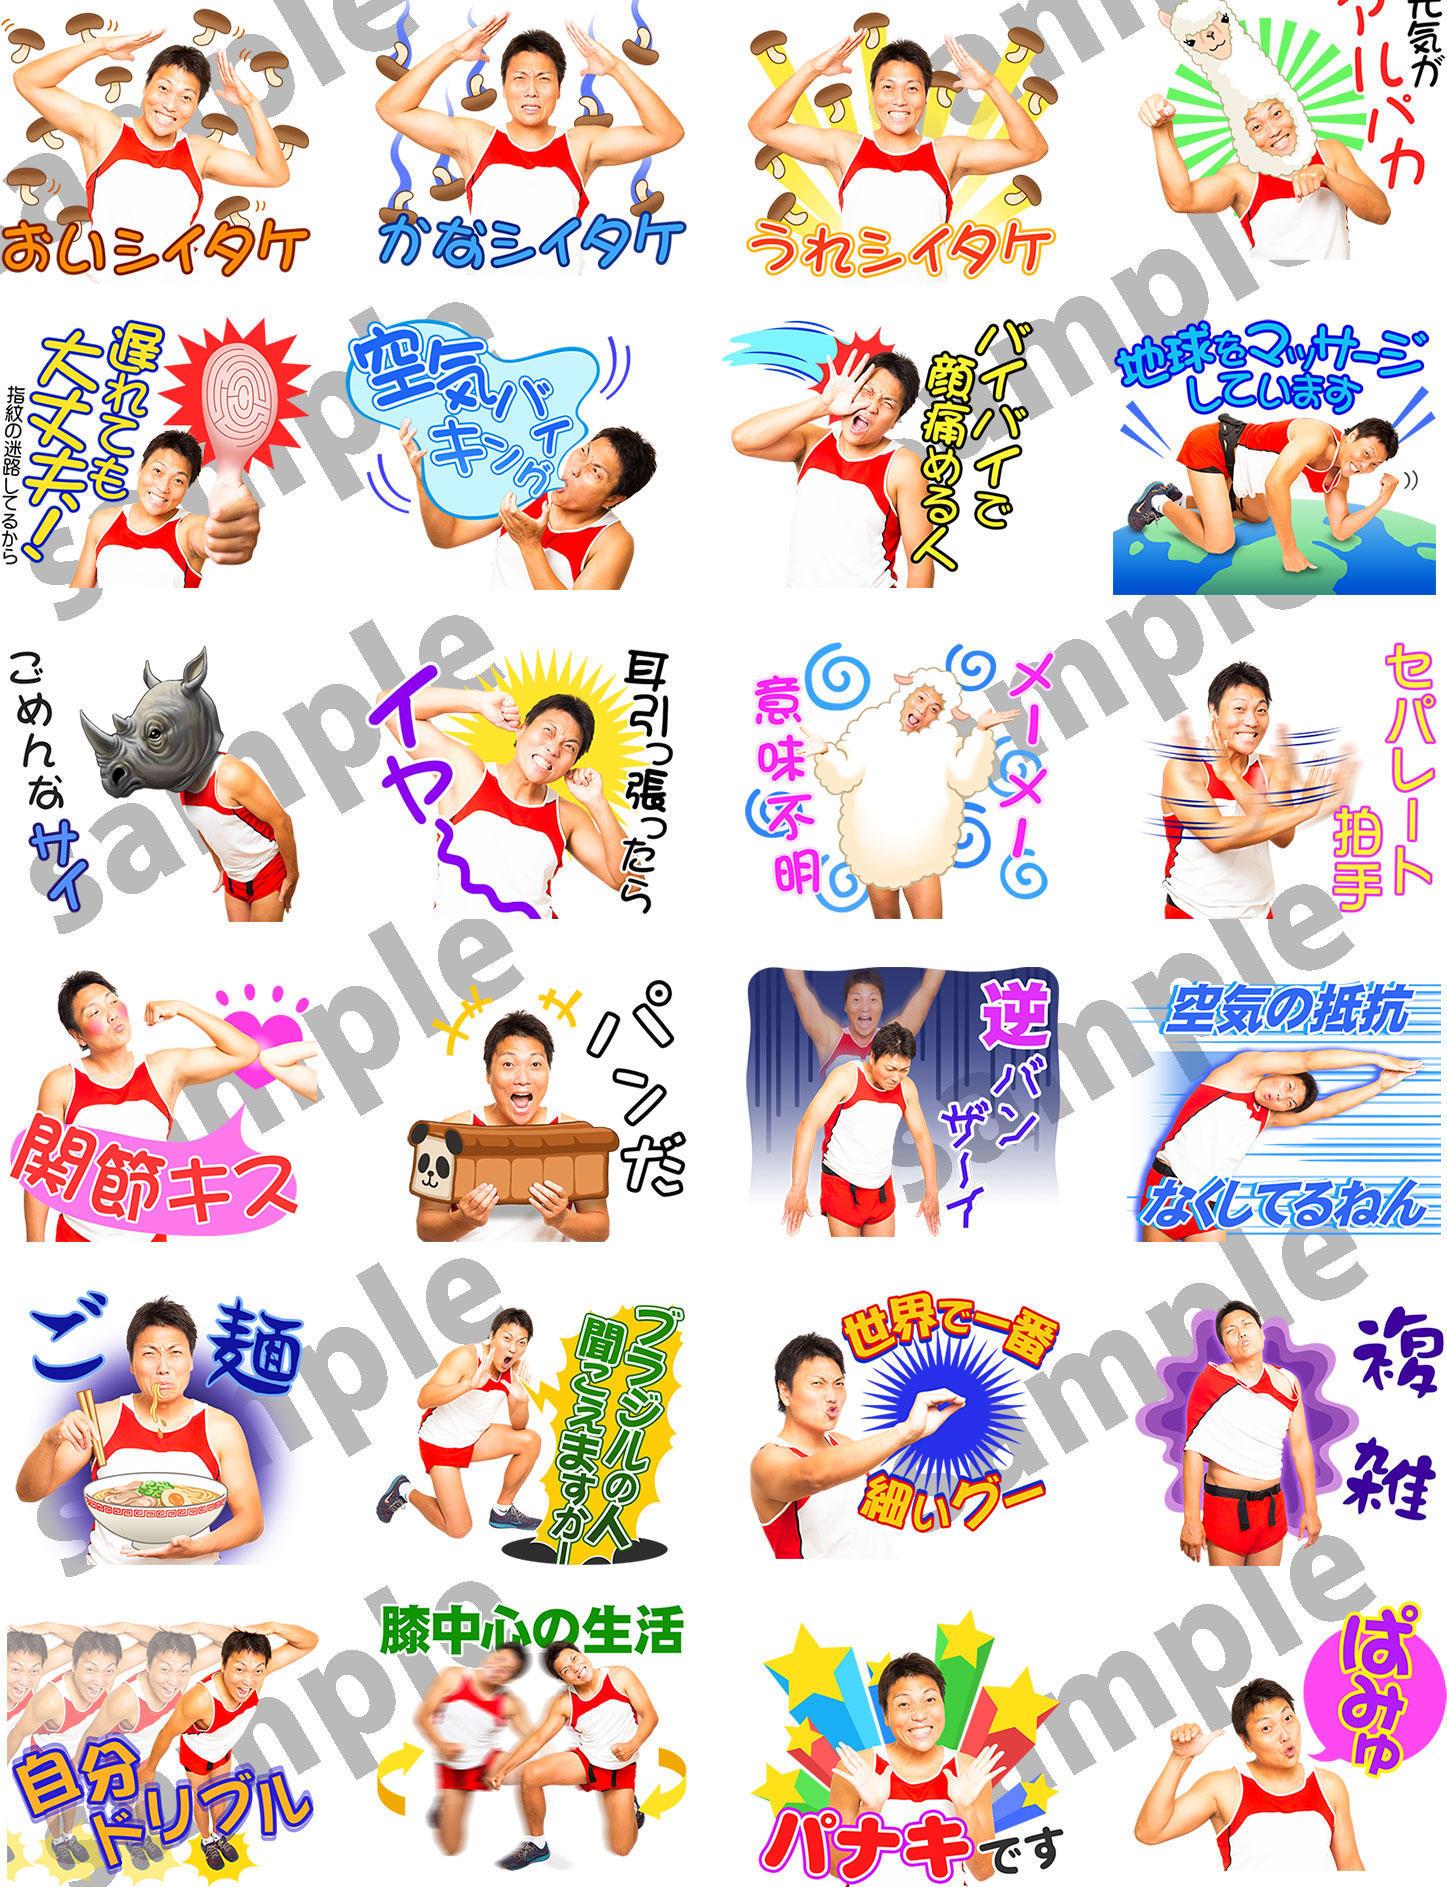 http://news.yoshimoto.co.jp/20190116124336-3e01ab5c491515e7c8e64815dd83ad227e92fc69.jpg